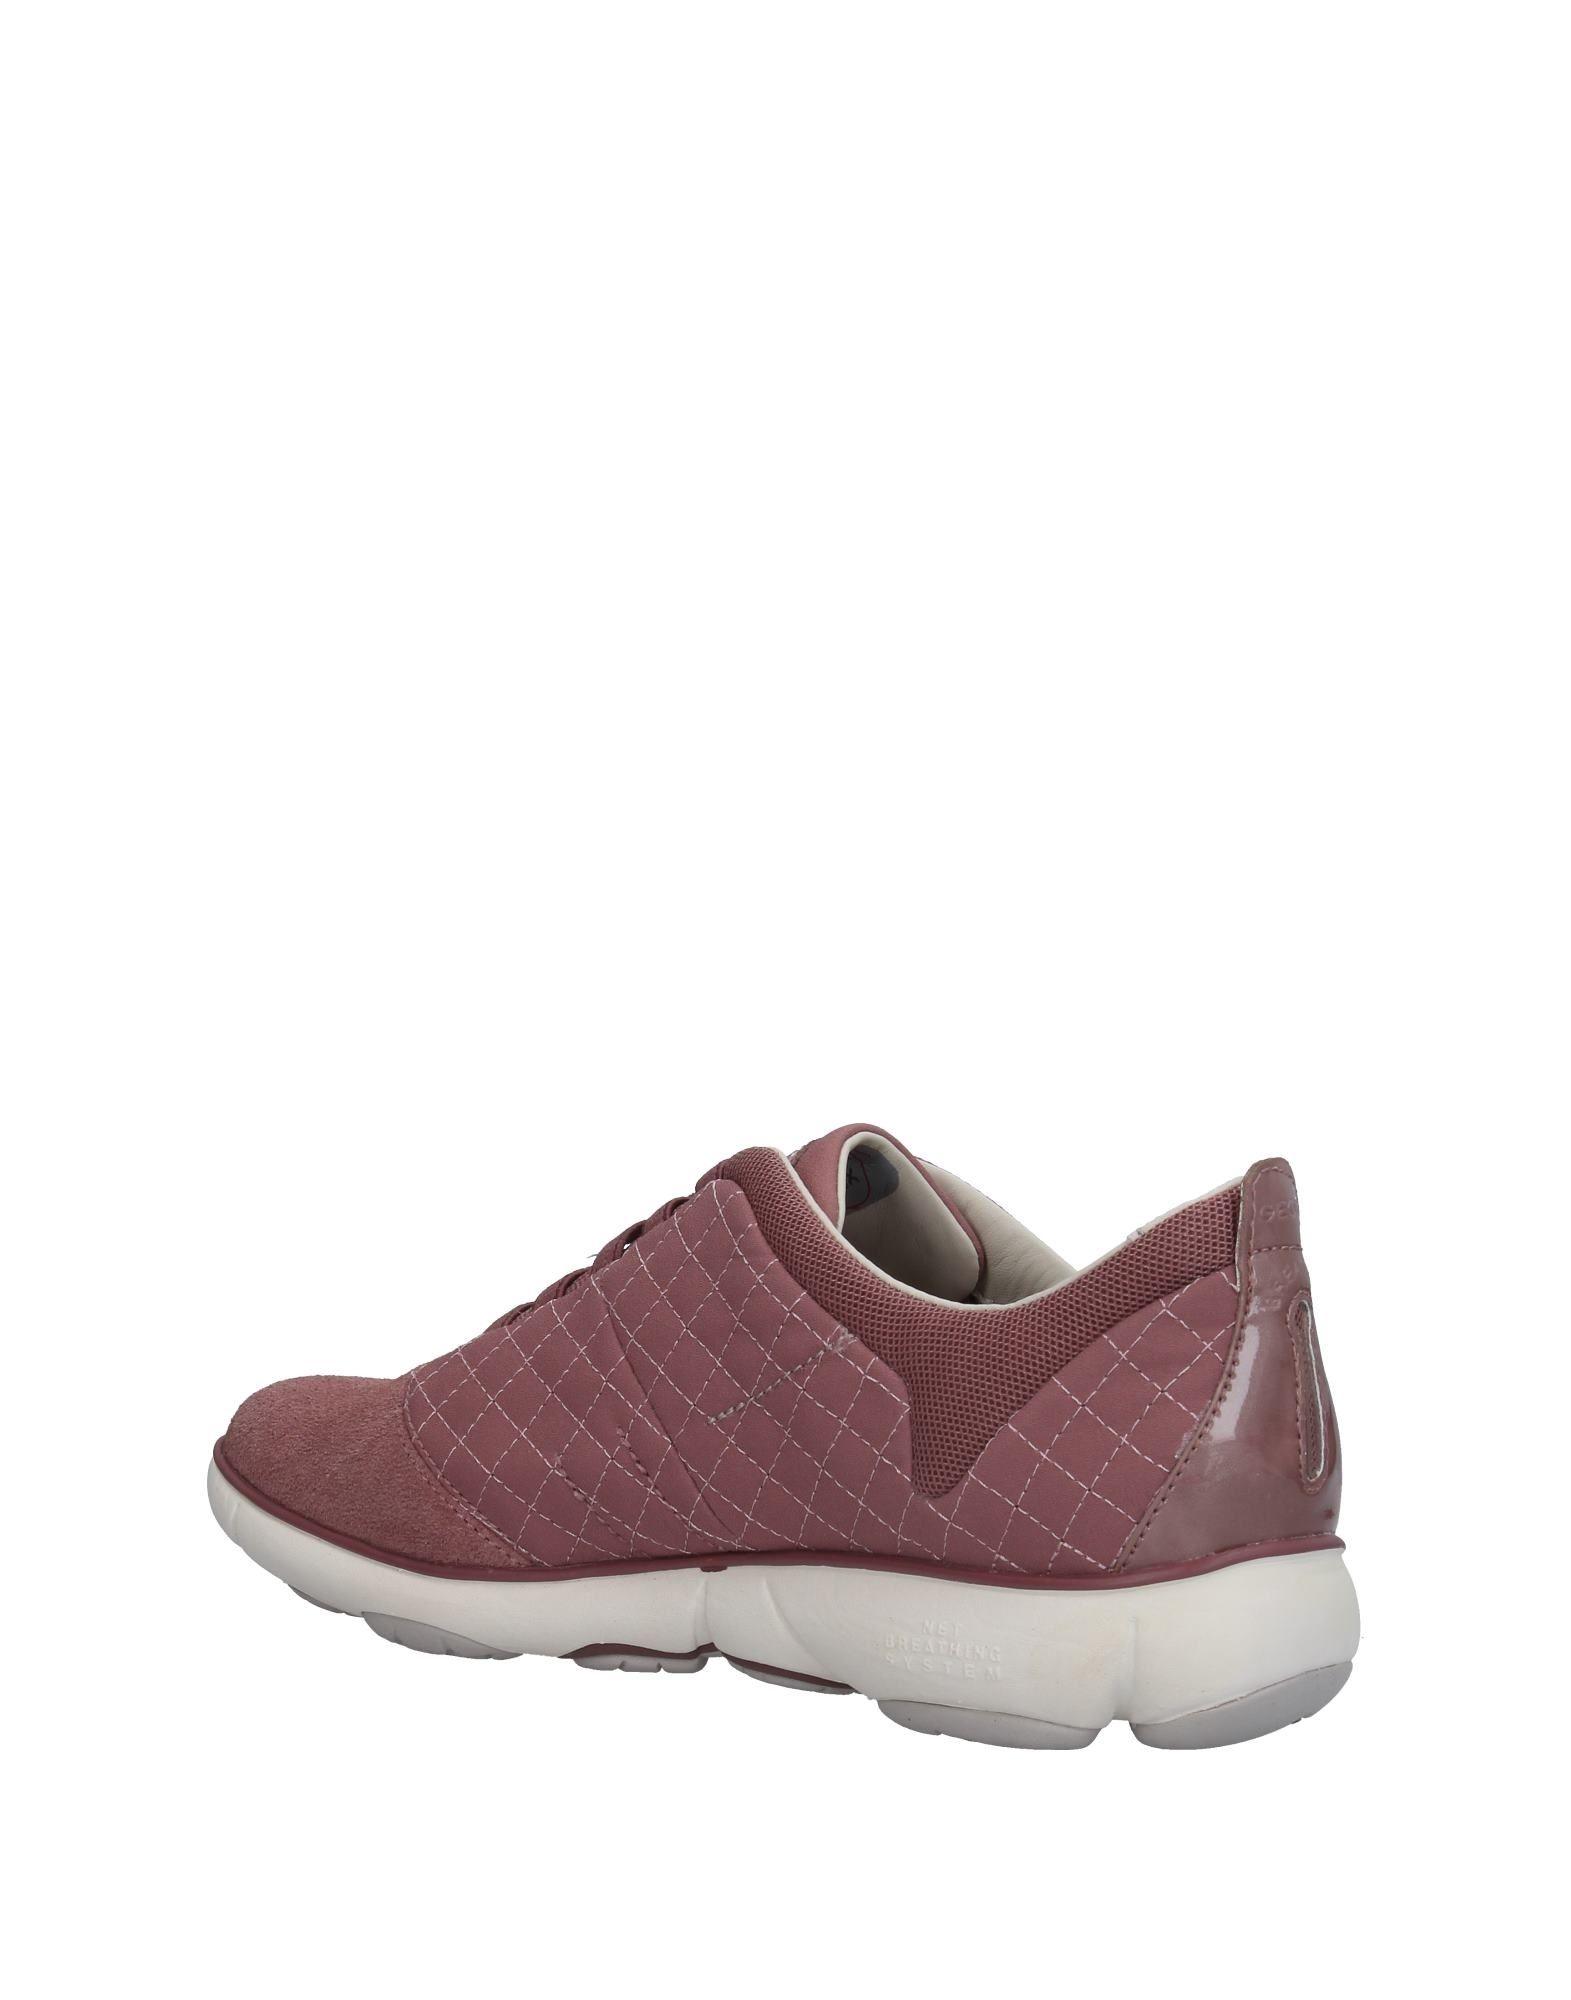 Geox Sneakers Damen  11314685XR 11314685XR   dd146f